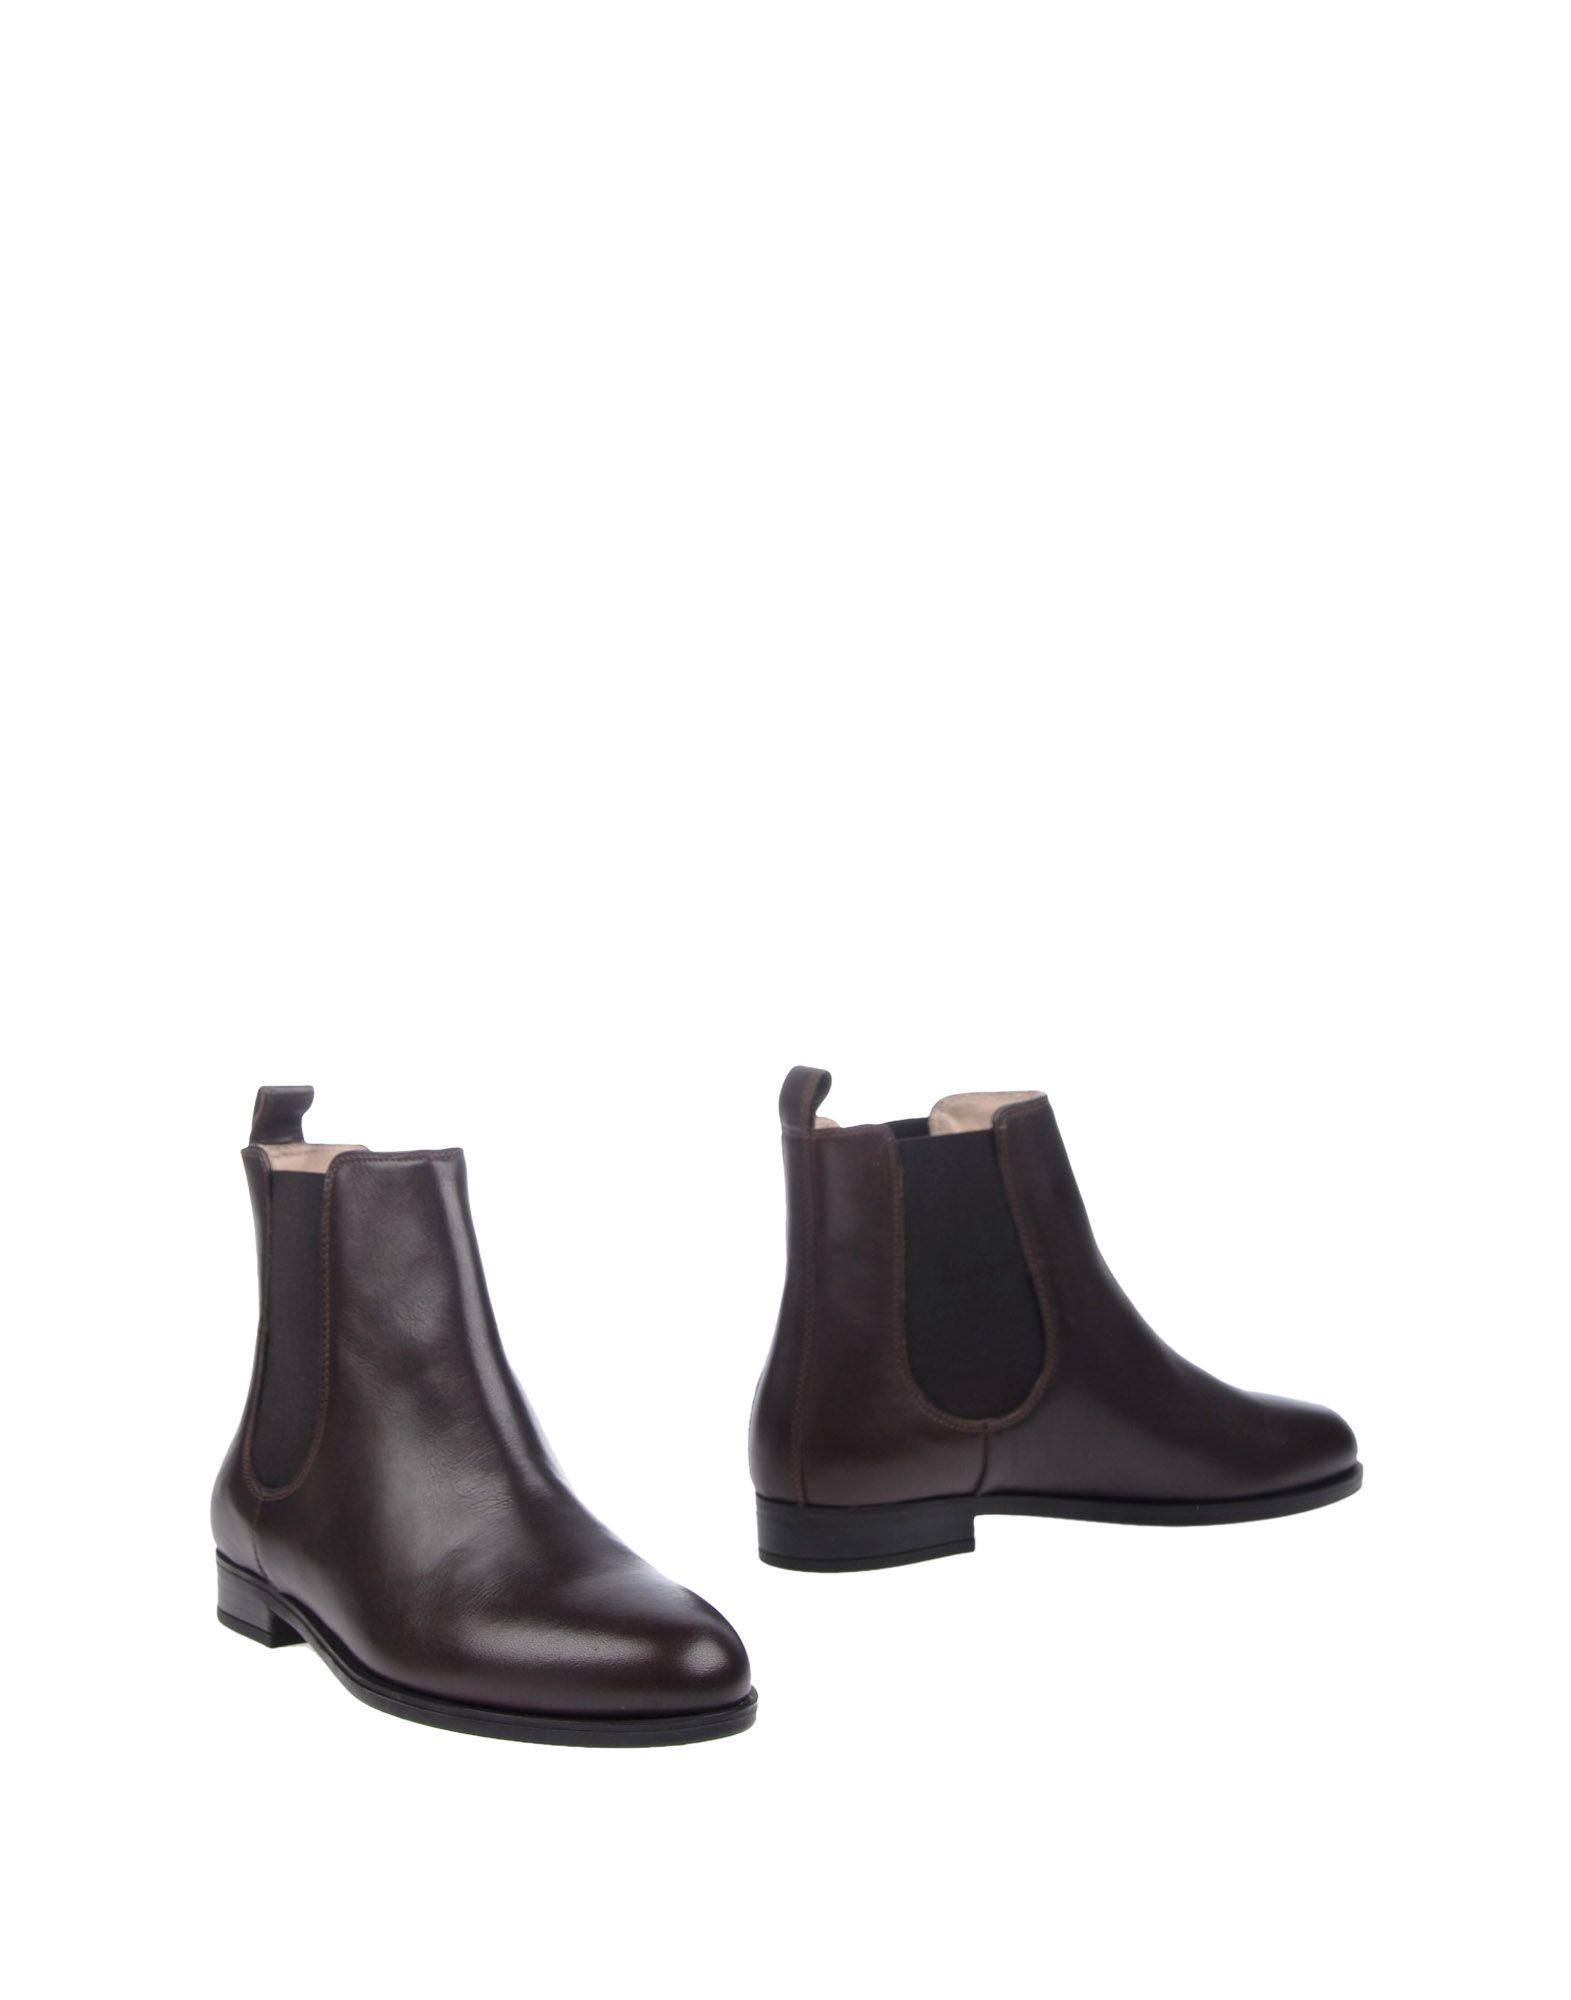 Sneakers Wrangler Uomo - 11038701OK Scarpe economiche e buone